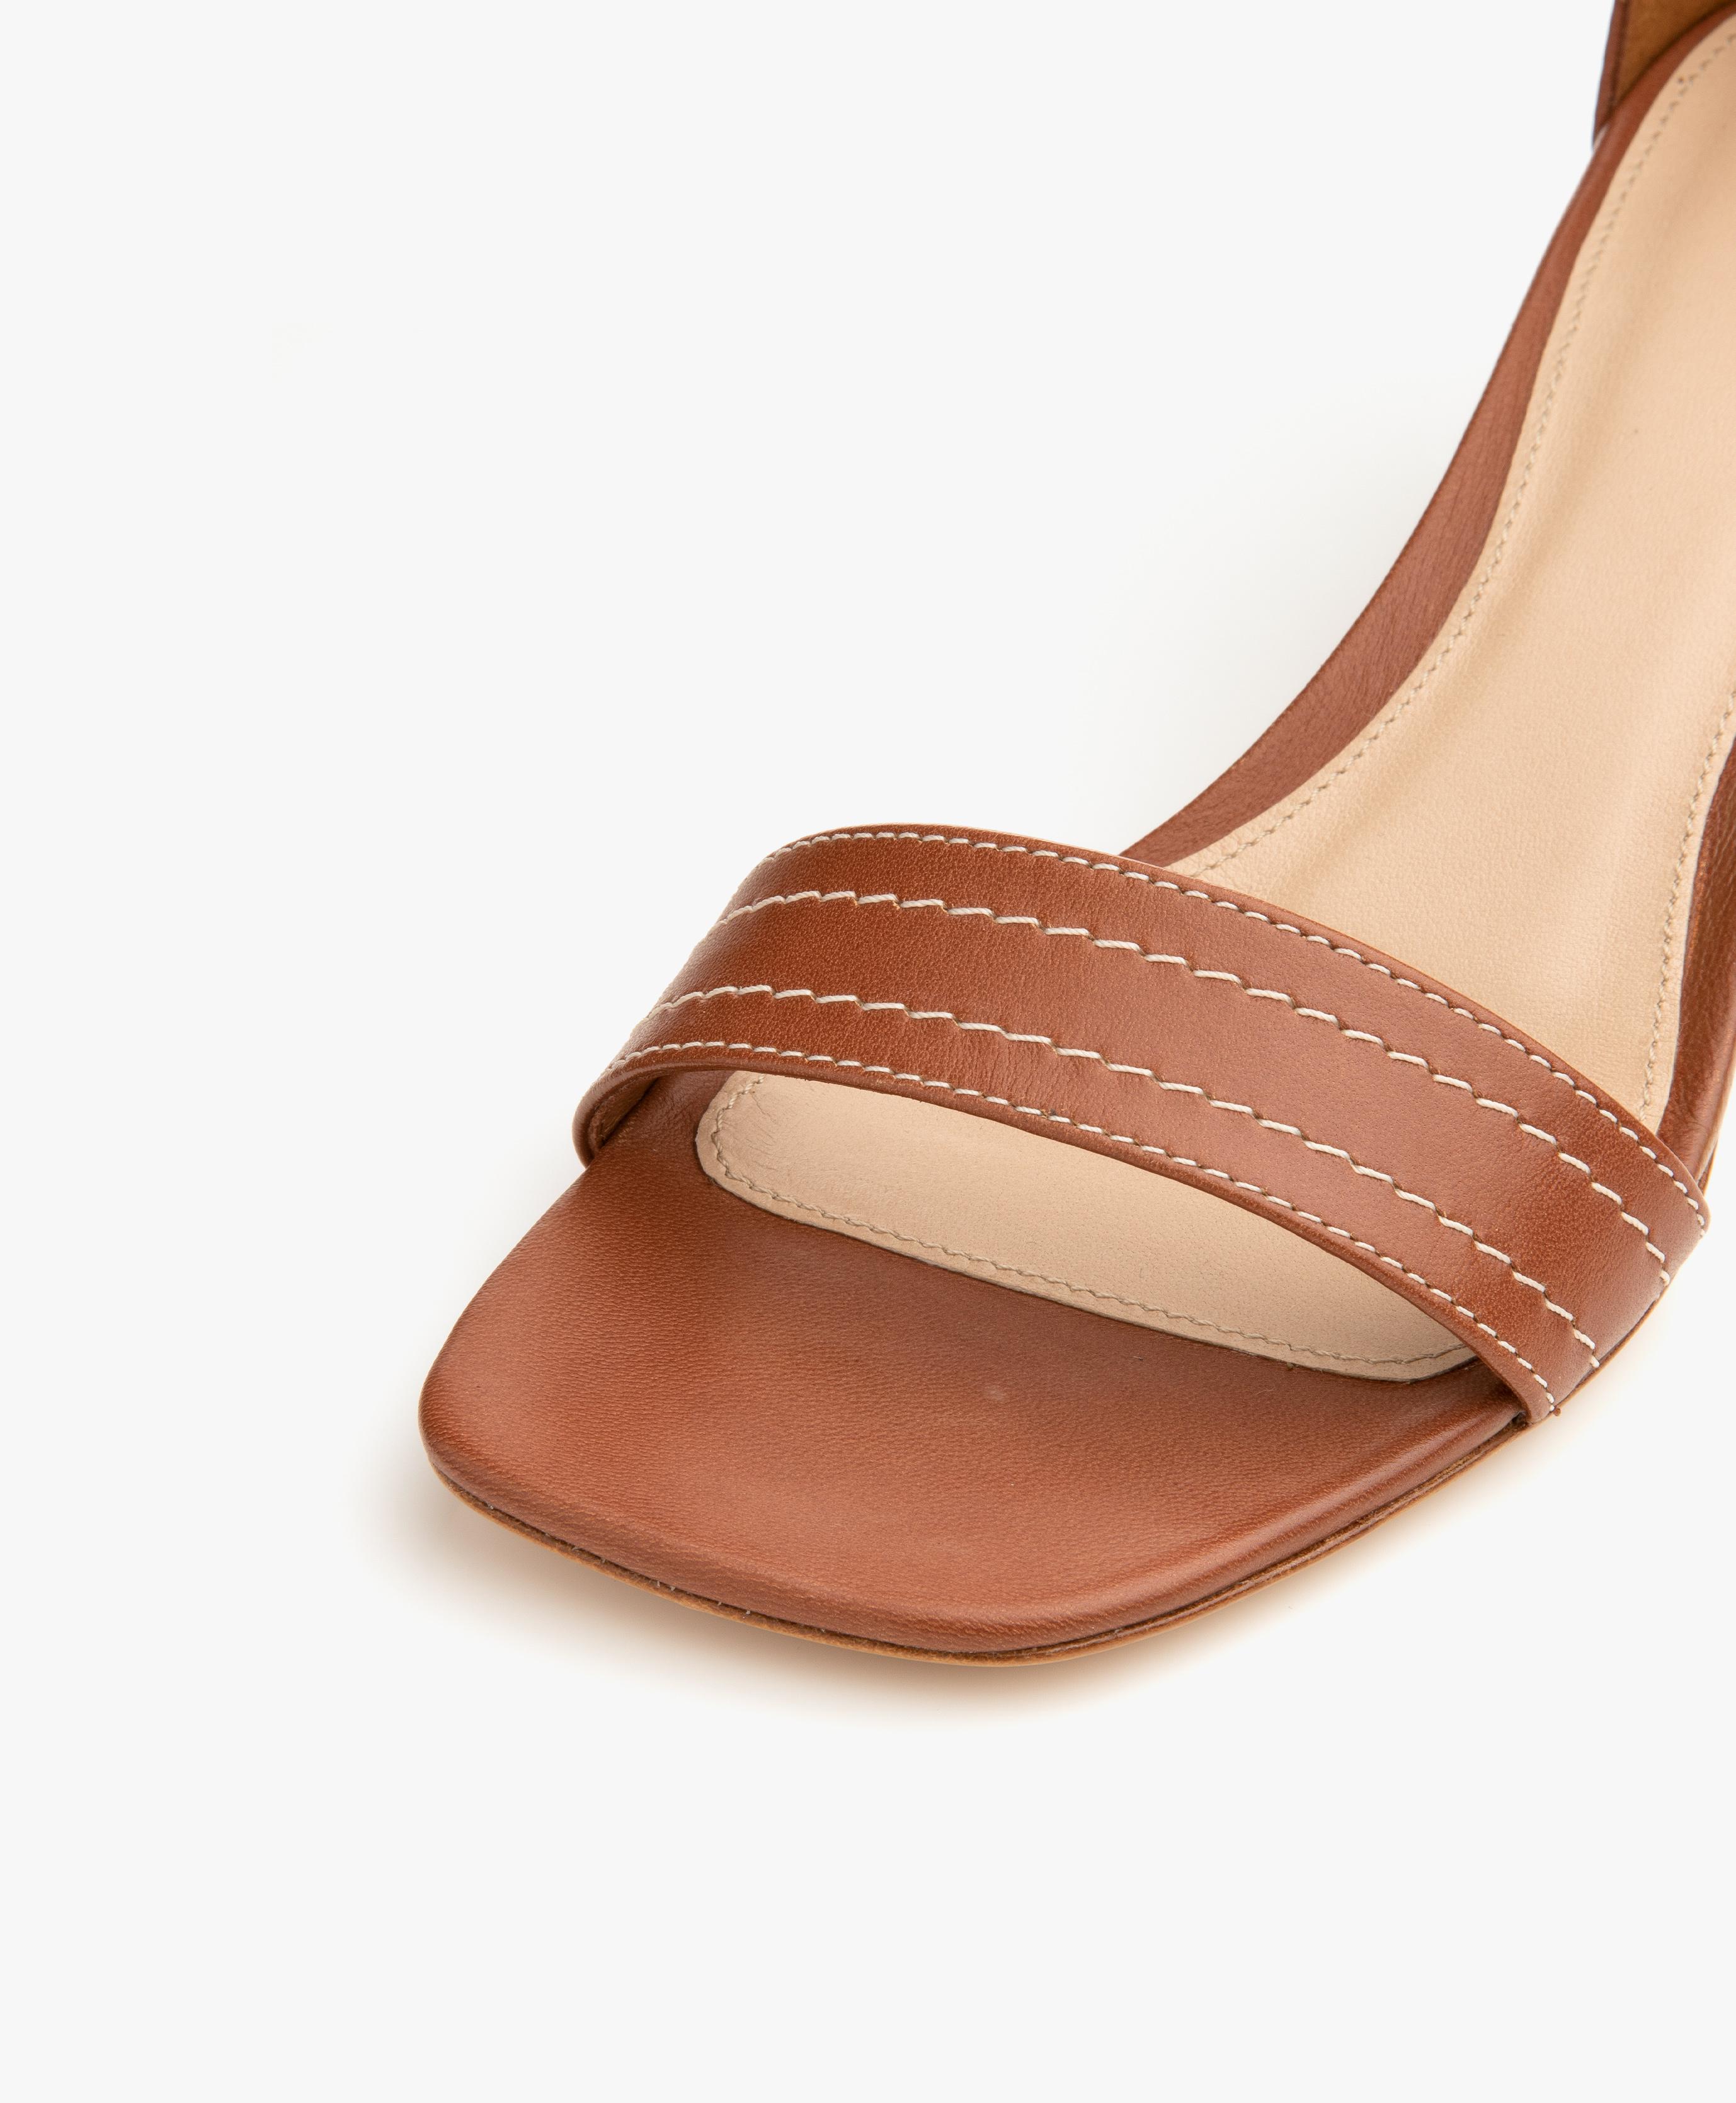 Amber K Filippa Mid Heel Sandals Belinda 26109 8403 dxBCoe